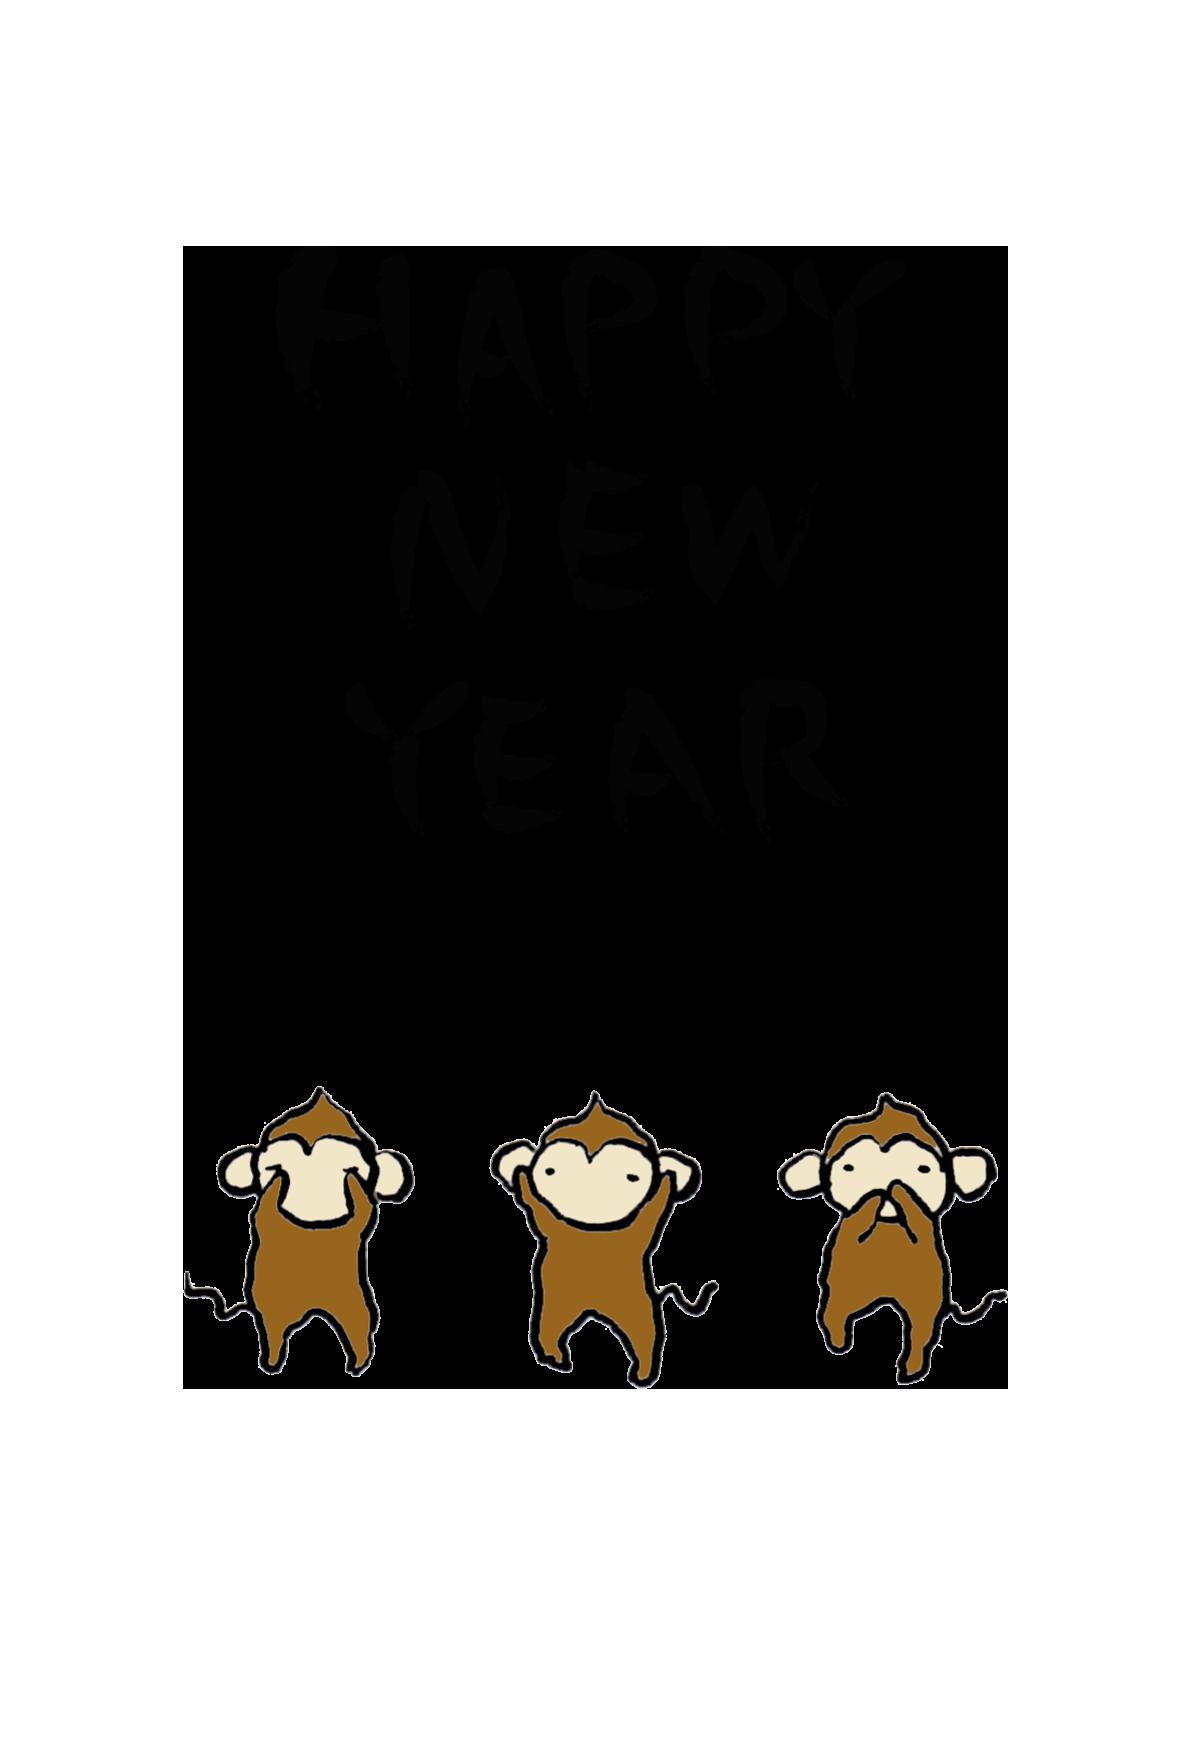 年賀状-手書きテンプレート(猿)02 <無料> | イラストk